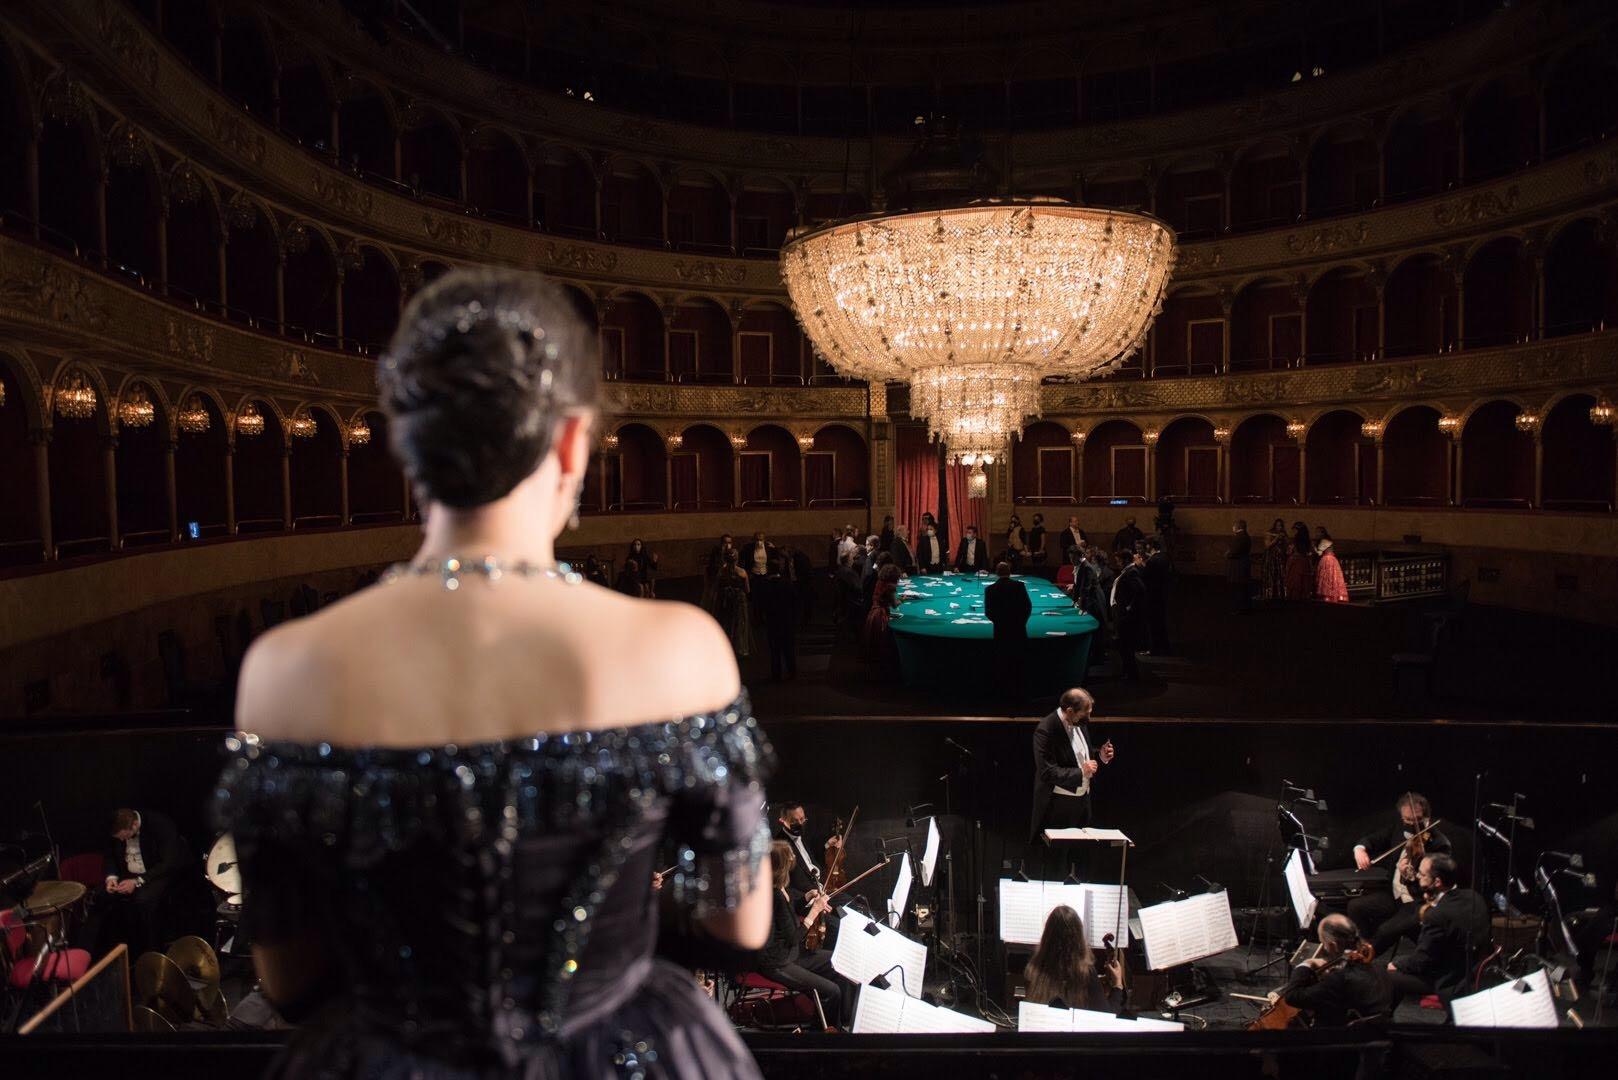 Teatro: Opera di Roma, La traviata  di Giuseppe Verdi con costumi di Valentino Garavani - immagini